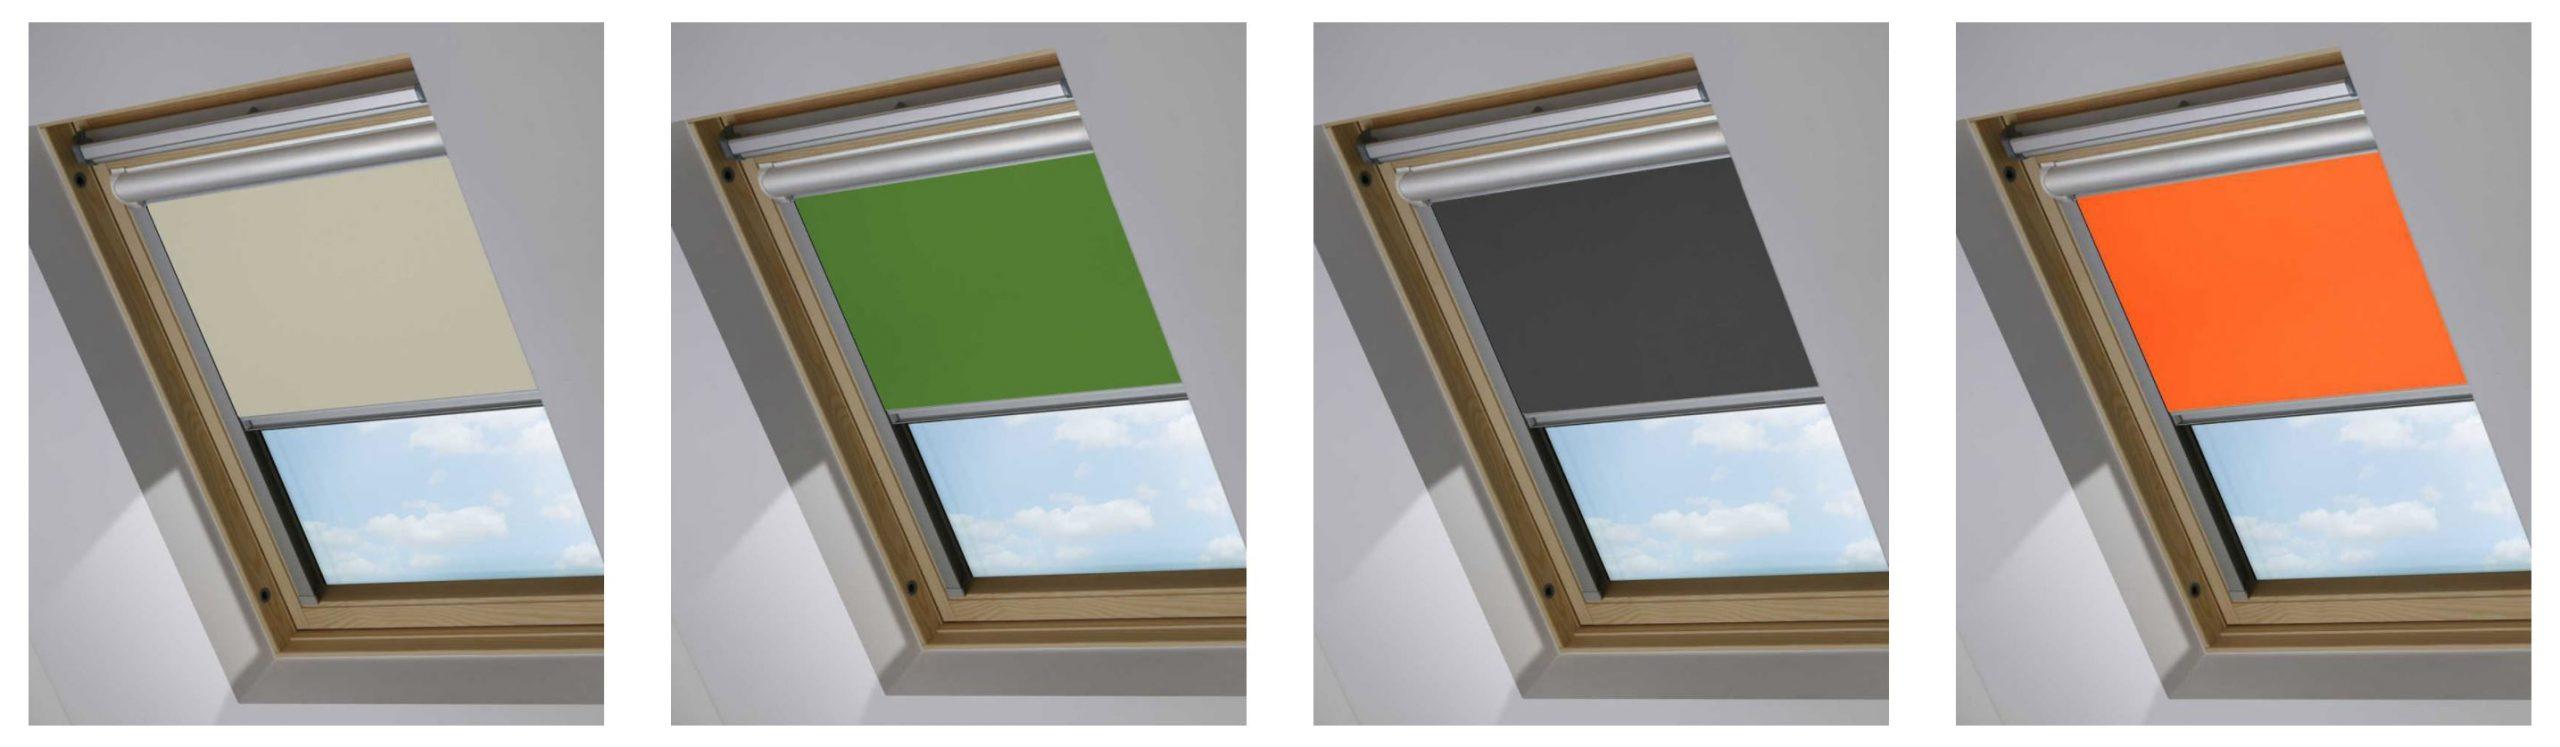 Velux Blinds / Skylight Blinds